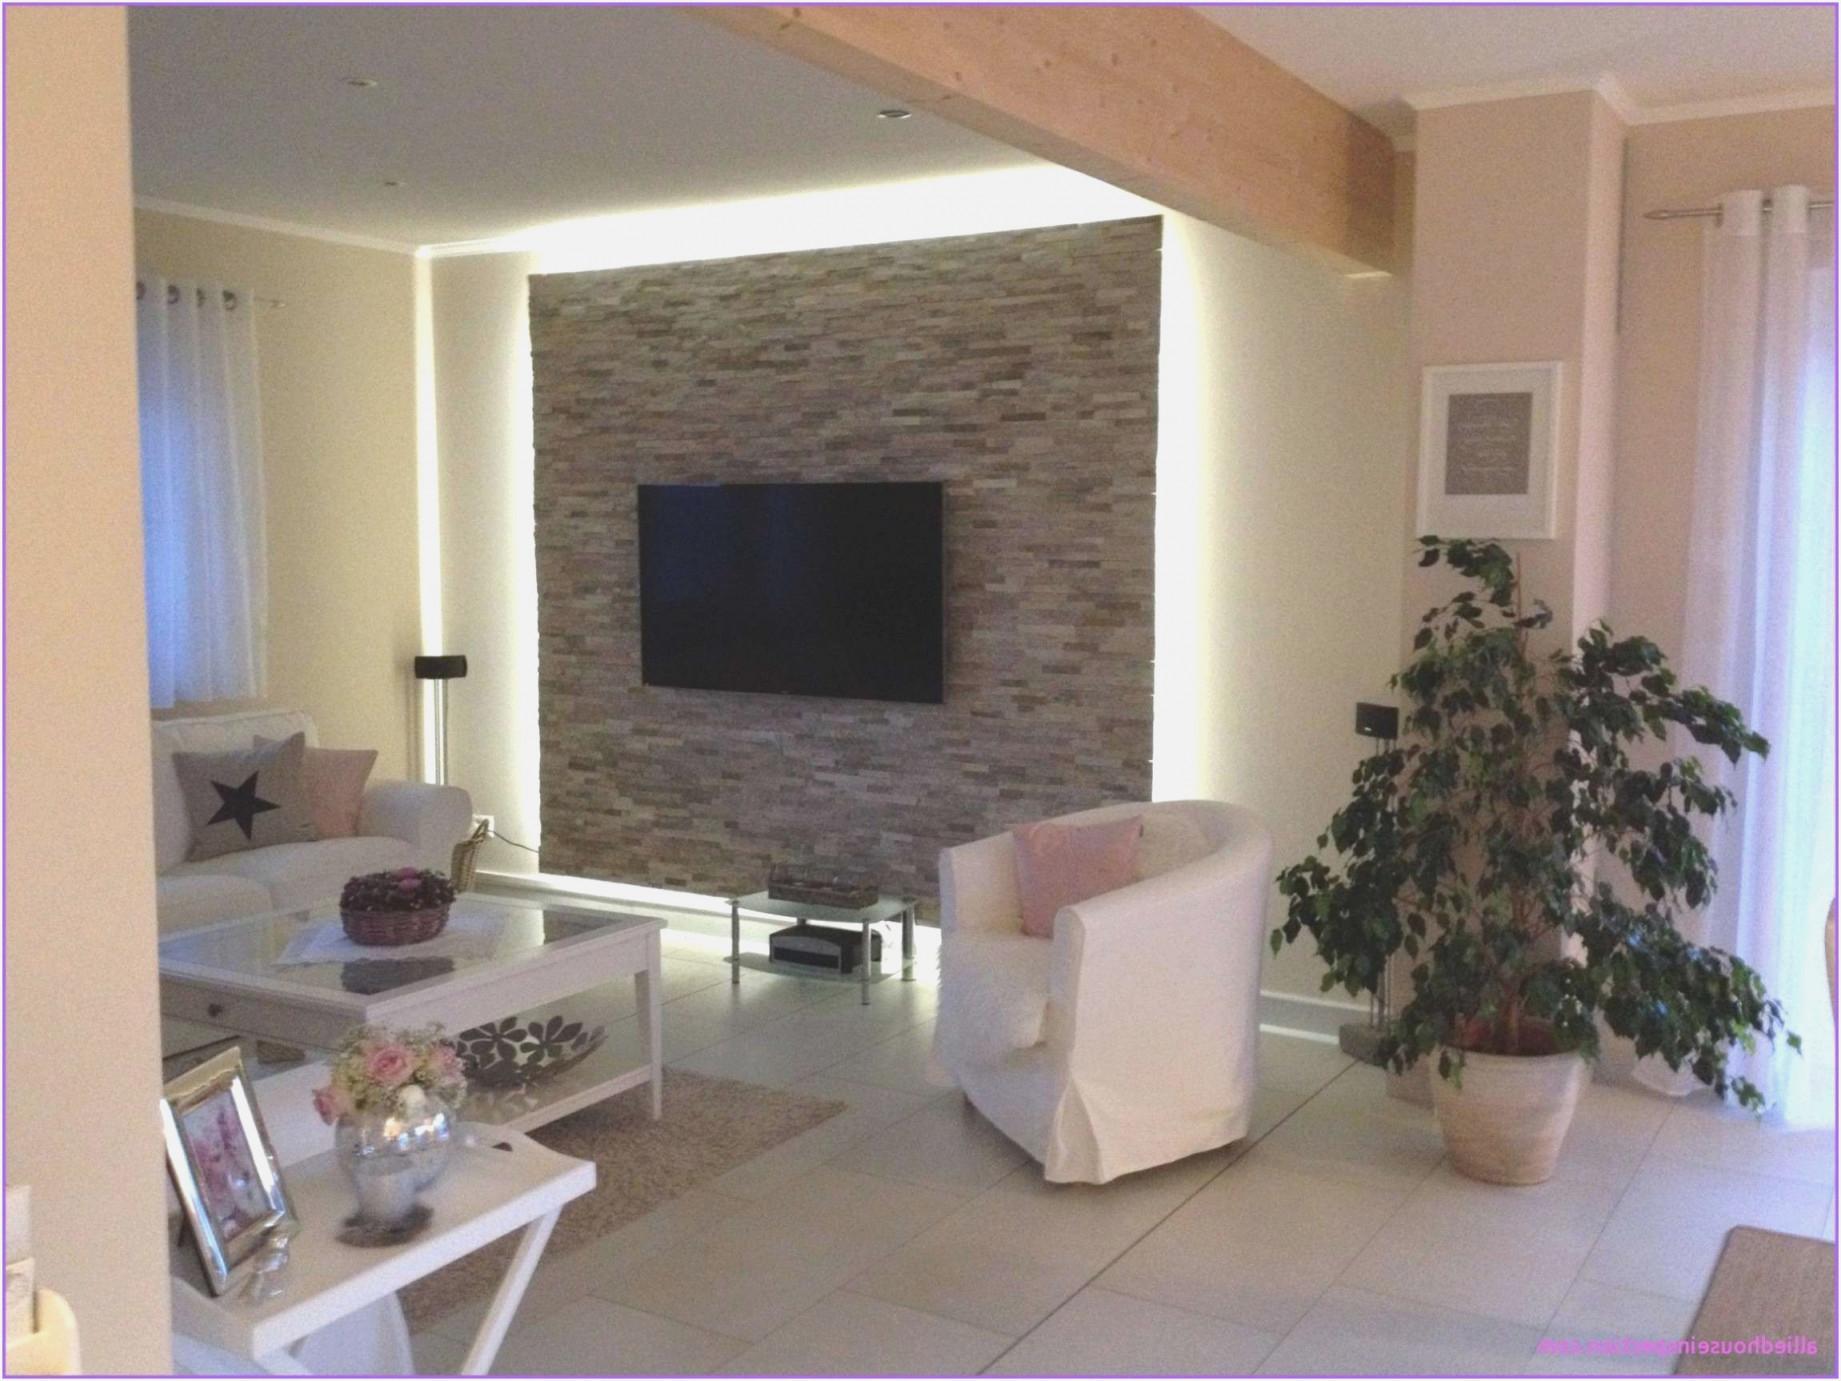 Kleines Quadratisches Wohnzimmer Einrichten  Wohnzimmer von Quadratisches Wohnzimmer Einrichten Photo